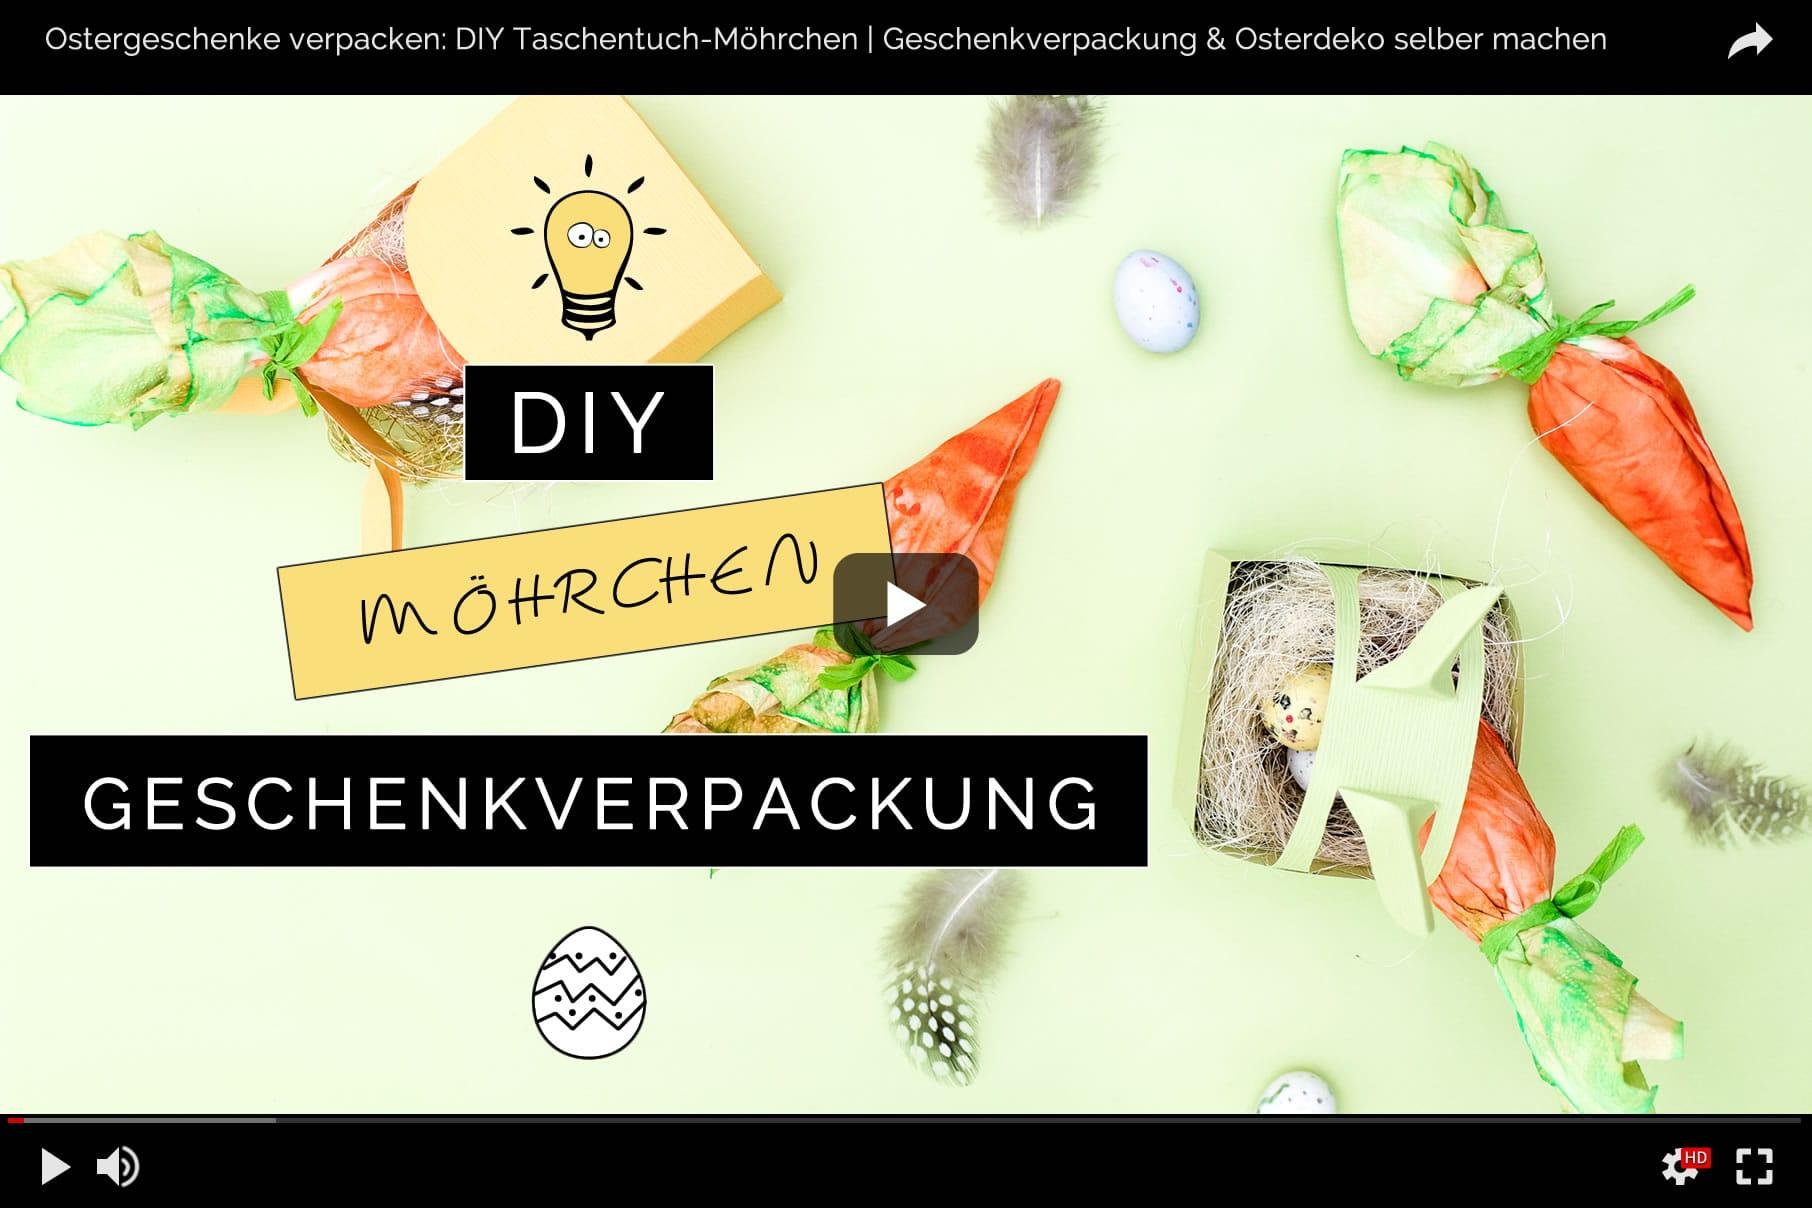 Video-Anleitung zu: Ostergeschenke verpacken mit DIY Möhrchen-Geschenkverpackung aus Tempo Taschentüchern | Kreative Geschenkverpackung selber machen | Filizity.com | DIY-Blog aus dem Rheinland #tempoworld #tempo #ostern